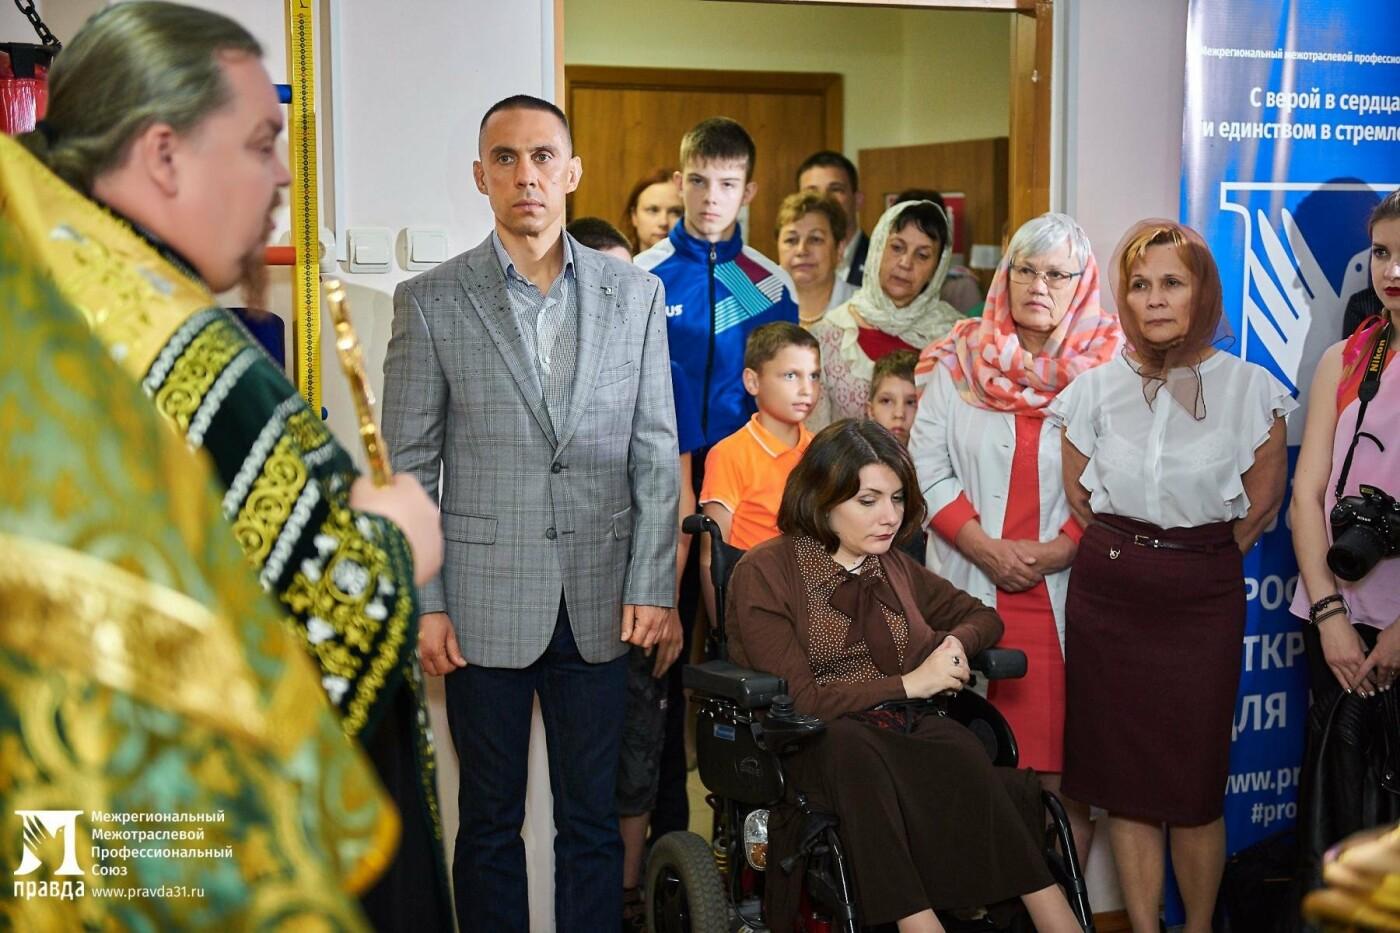 Профсоюз «Правда» вместе с белгородцами подарил тренажёры для реабилитации детей с особенностями здоровья, фото-1